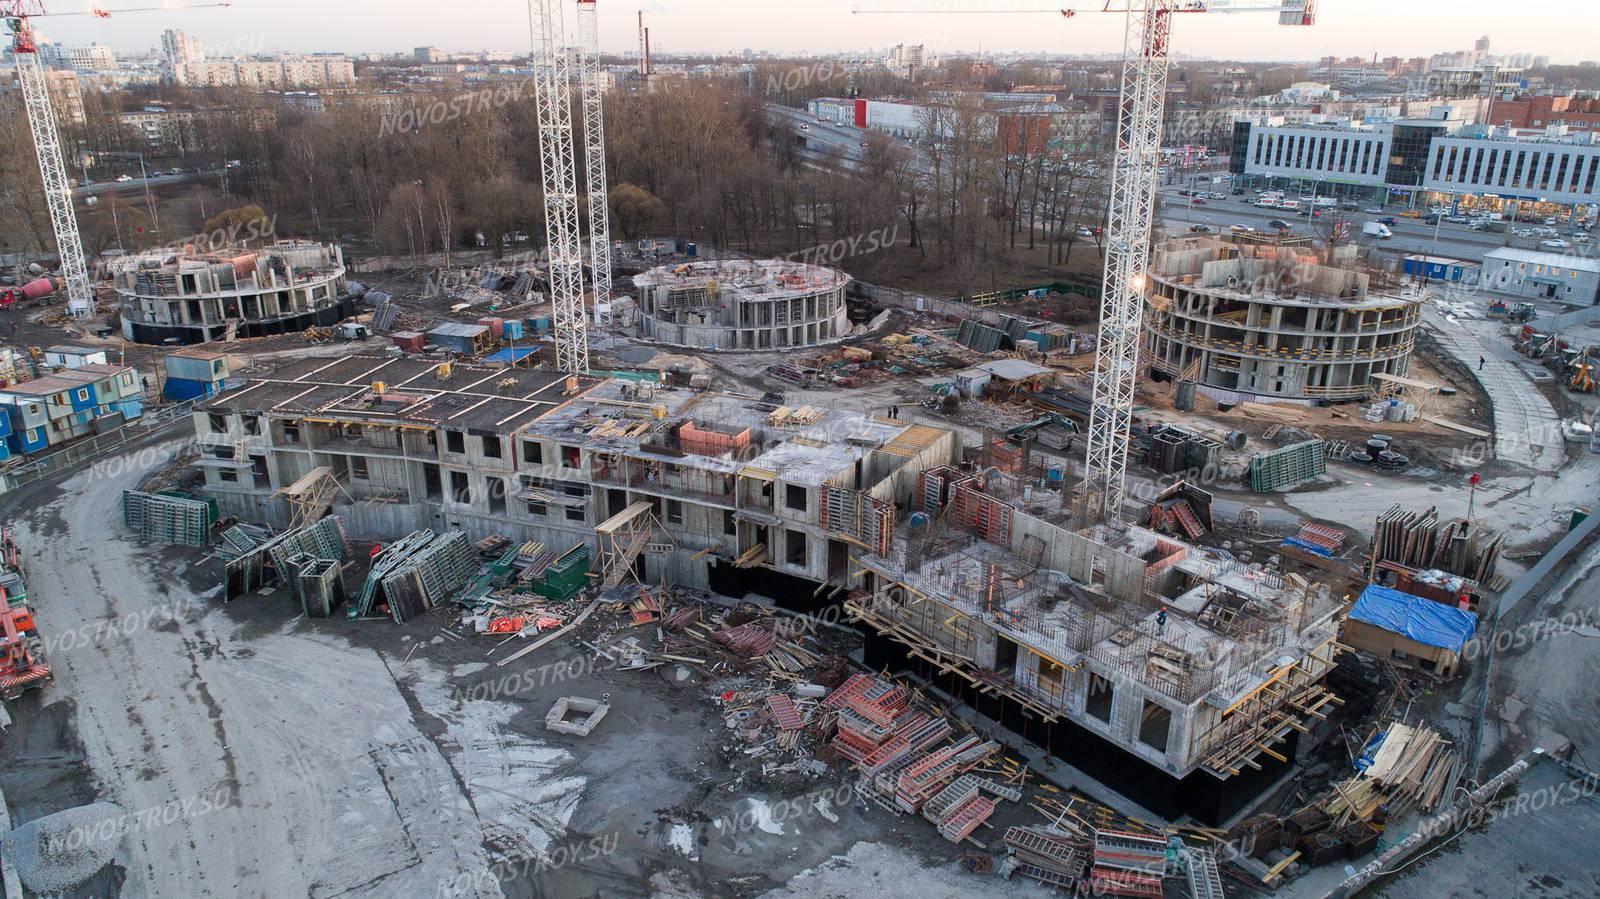 Мегалит строительная компания потенциальные участки под строительство http /tambov.irr.ru/ строительные материалы стеклоизол